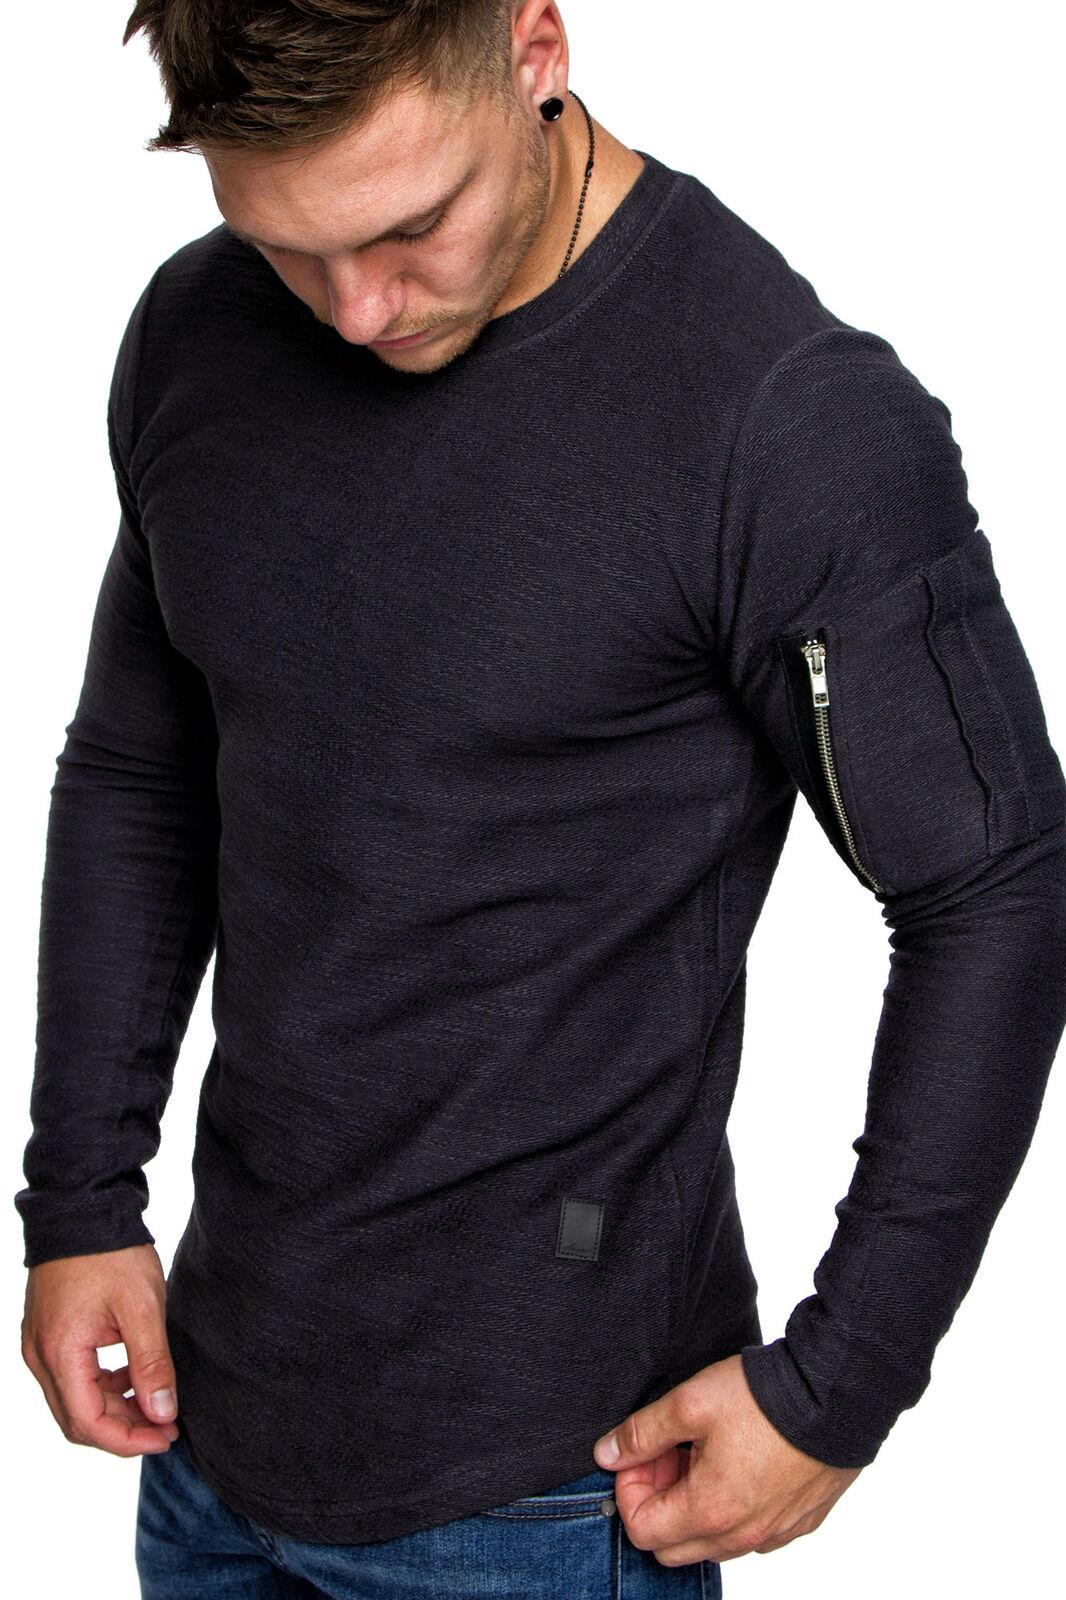 Oversize Vintage Herren Pullover Cargo-Style Hoodie Sweatshirt Crew-Neck 6067